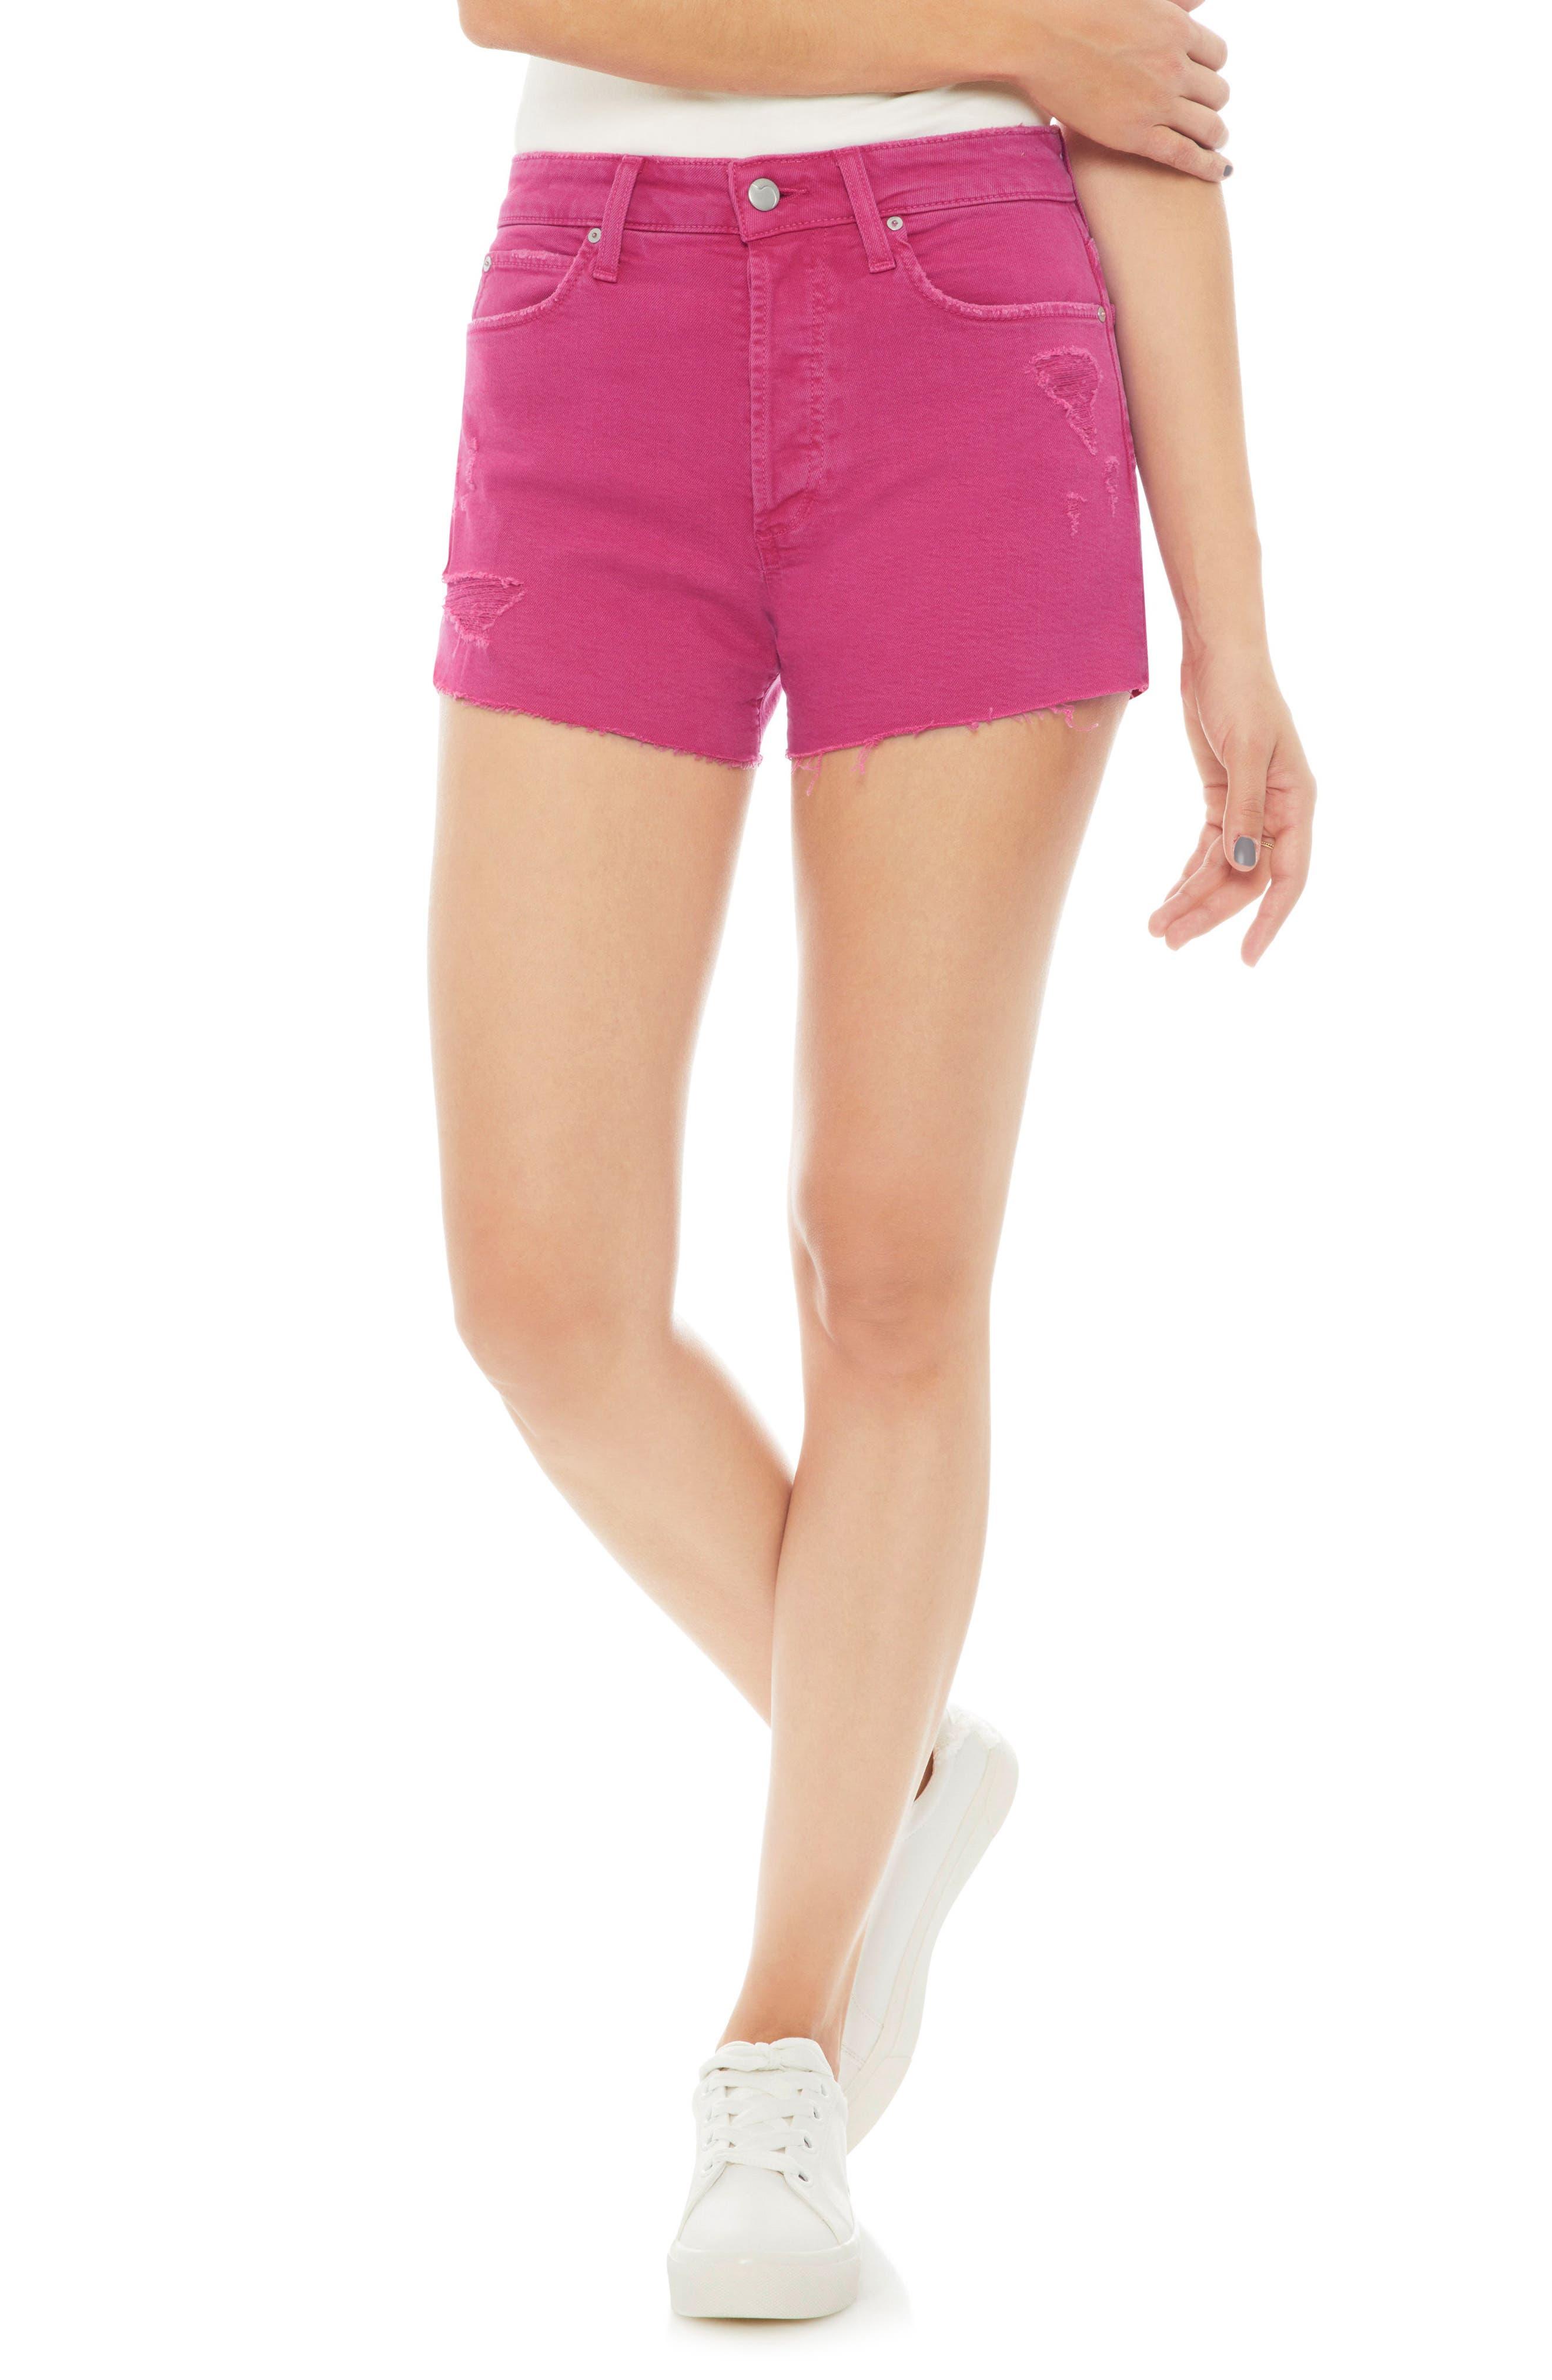 Smith High Waist Shorts,                         Main,                         color, 670